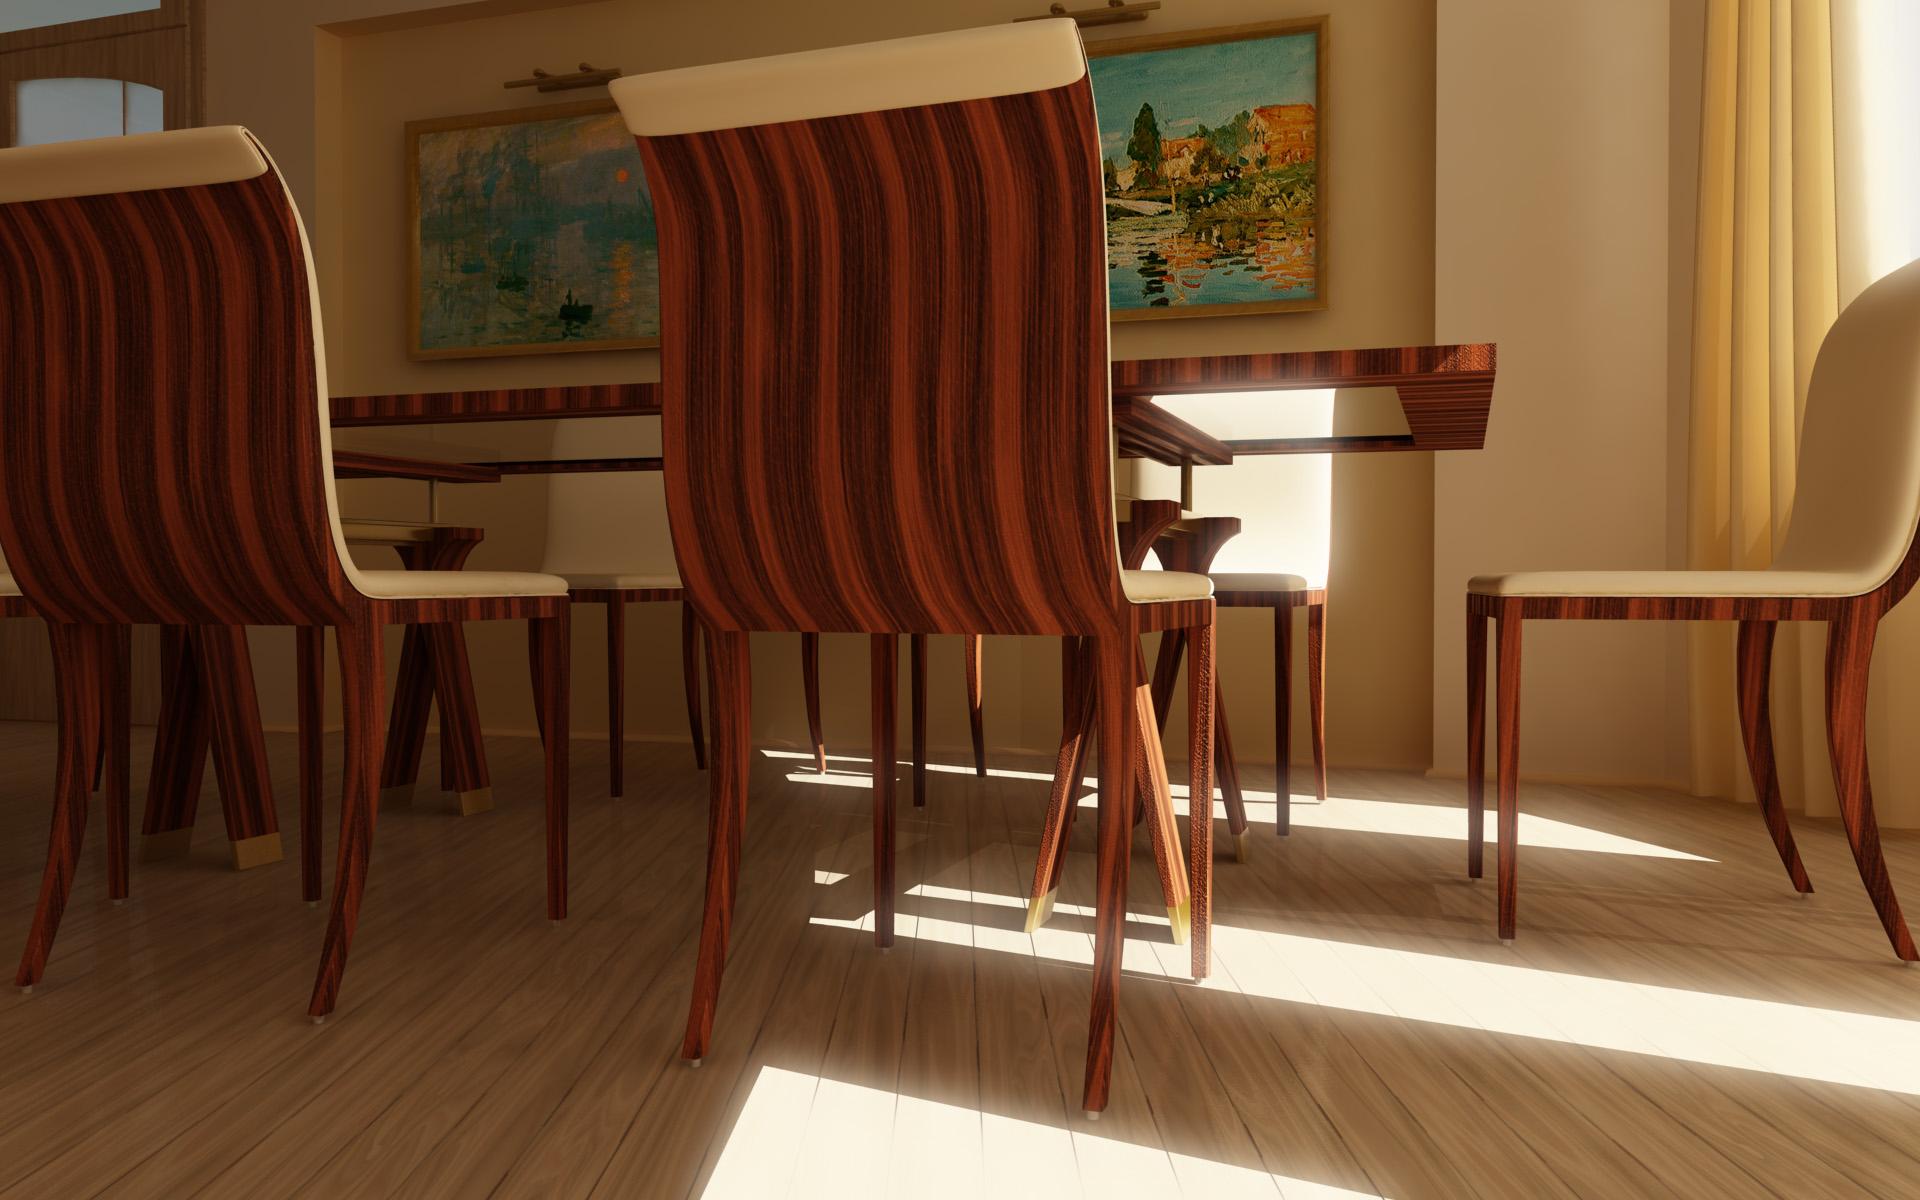 3d-визуализация интерьерного дизайн-проекта